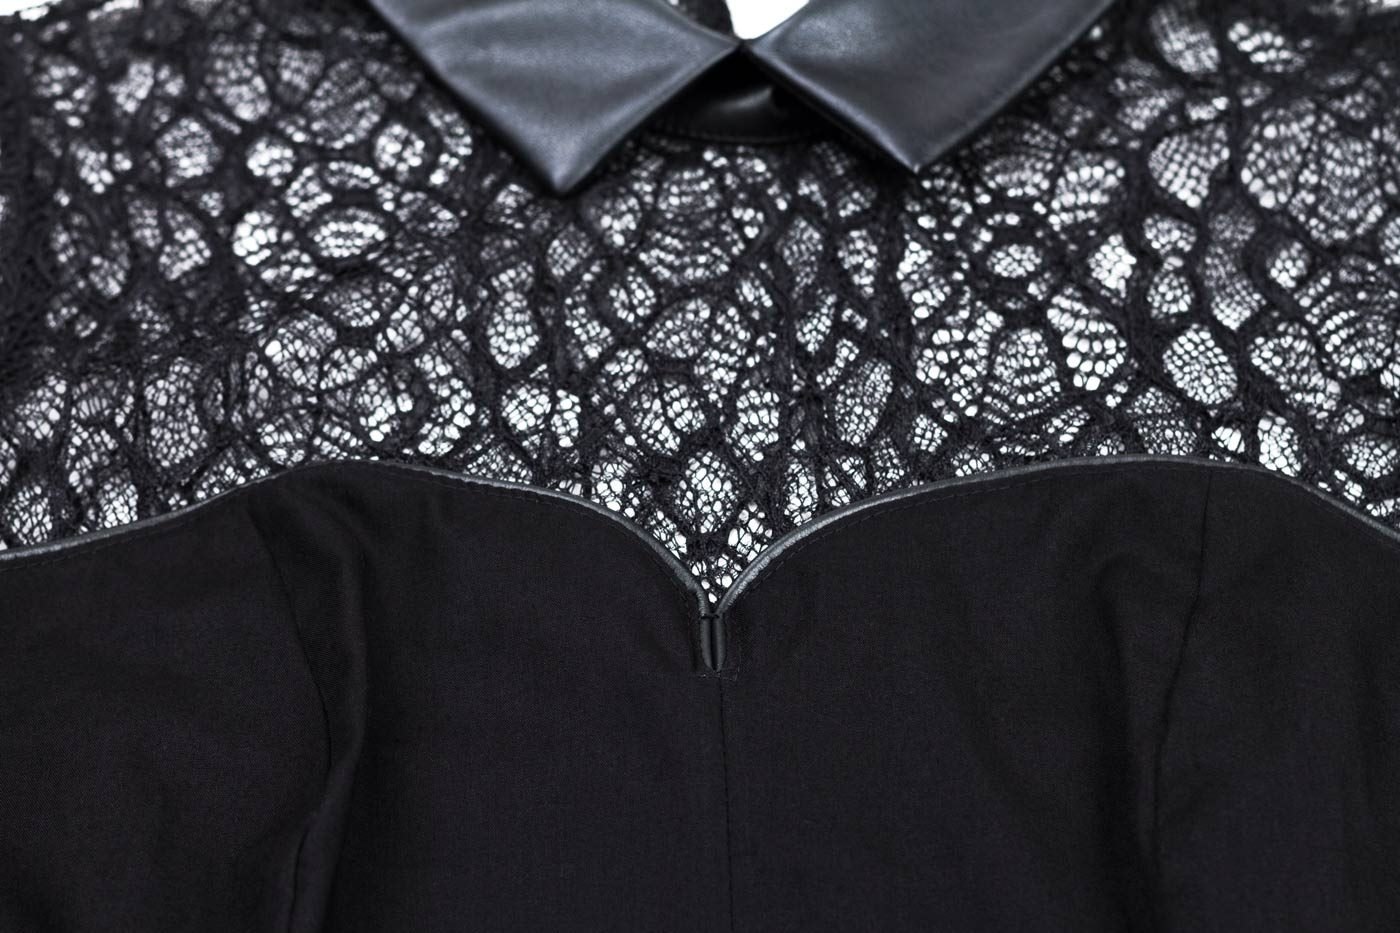 Schwarze ärmellose Bluse mit Spitze